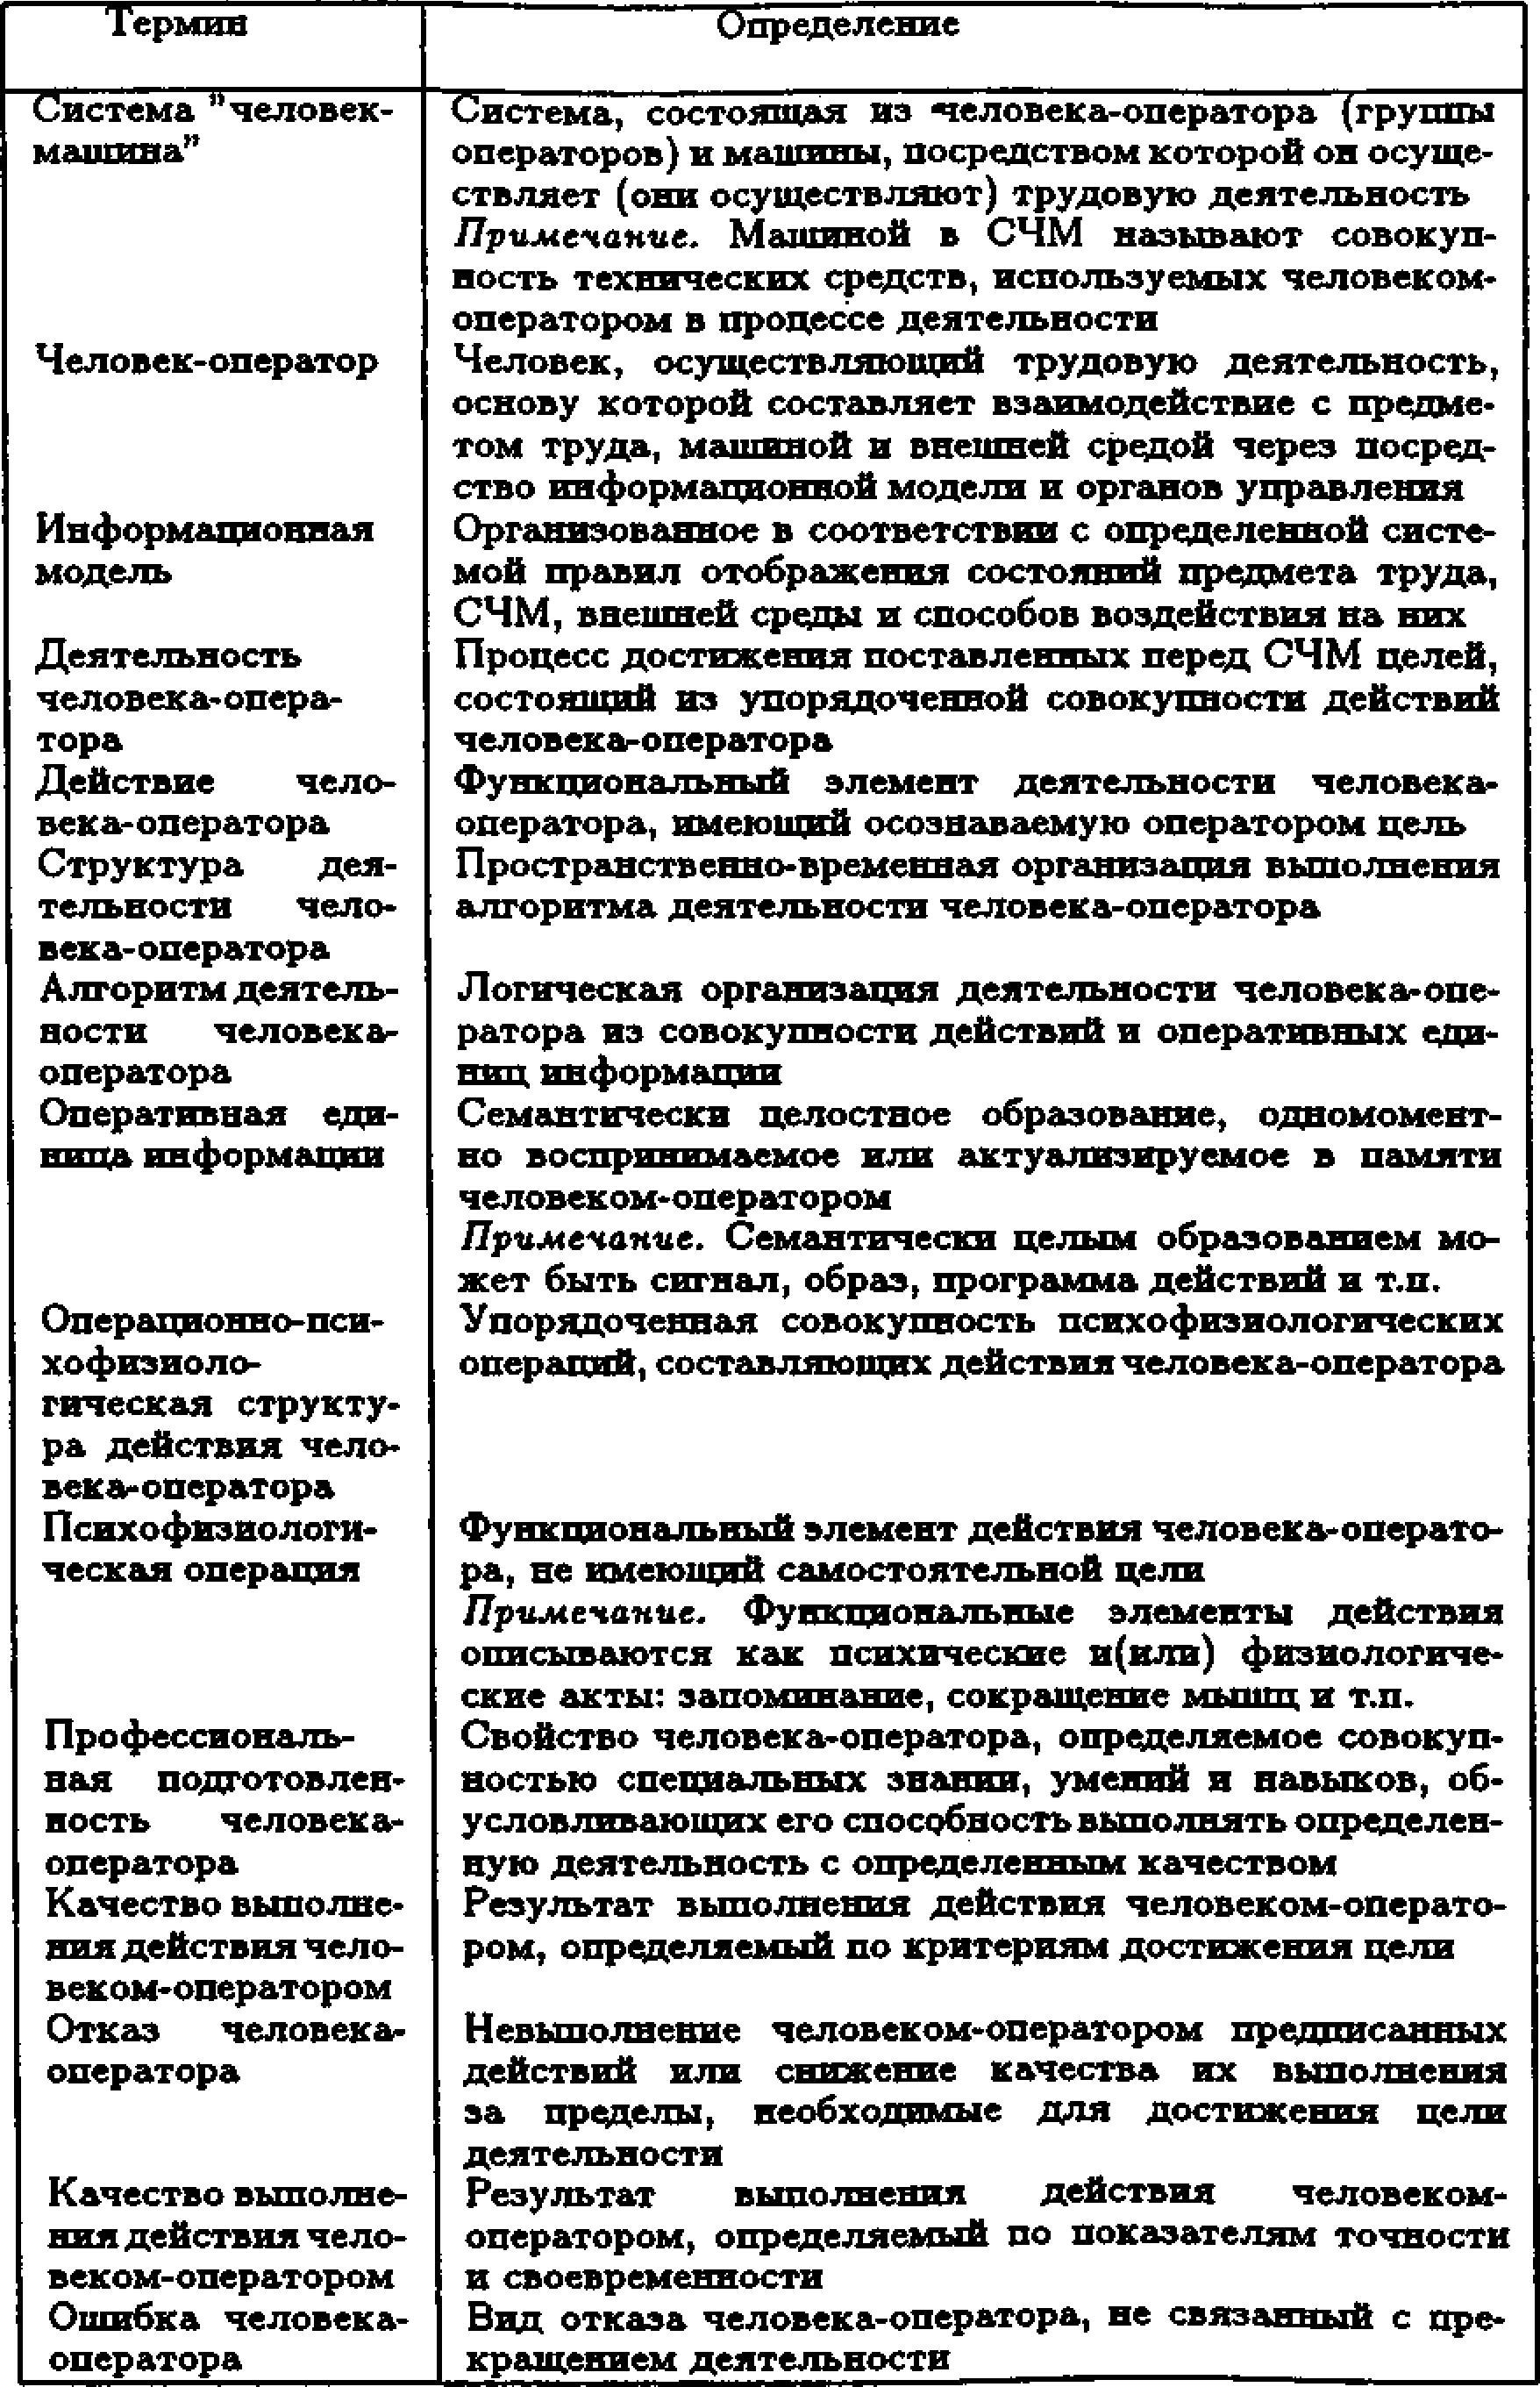 инструкция по радиационной безопасности калининской аэс